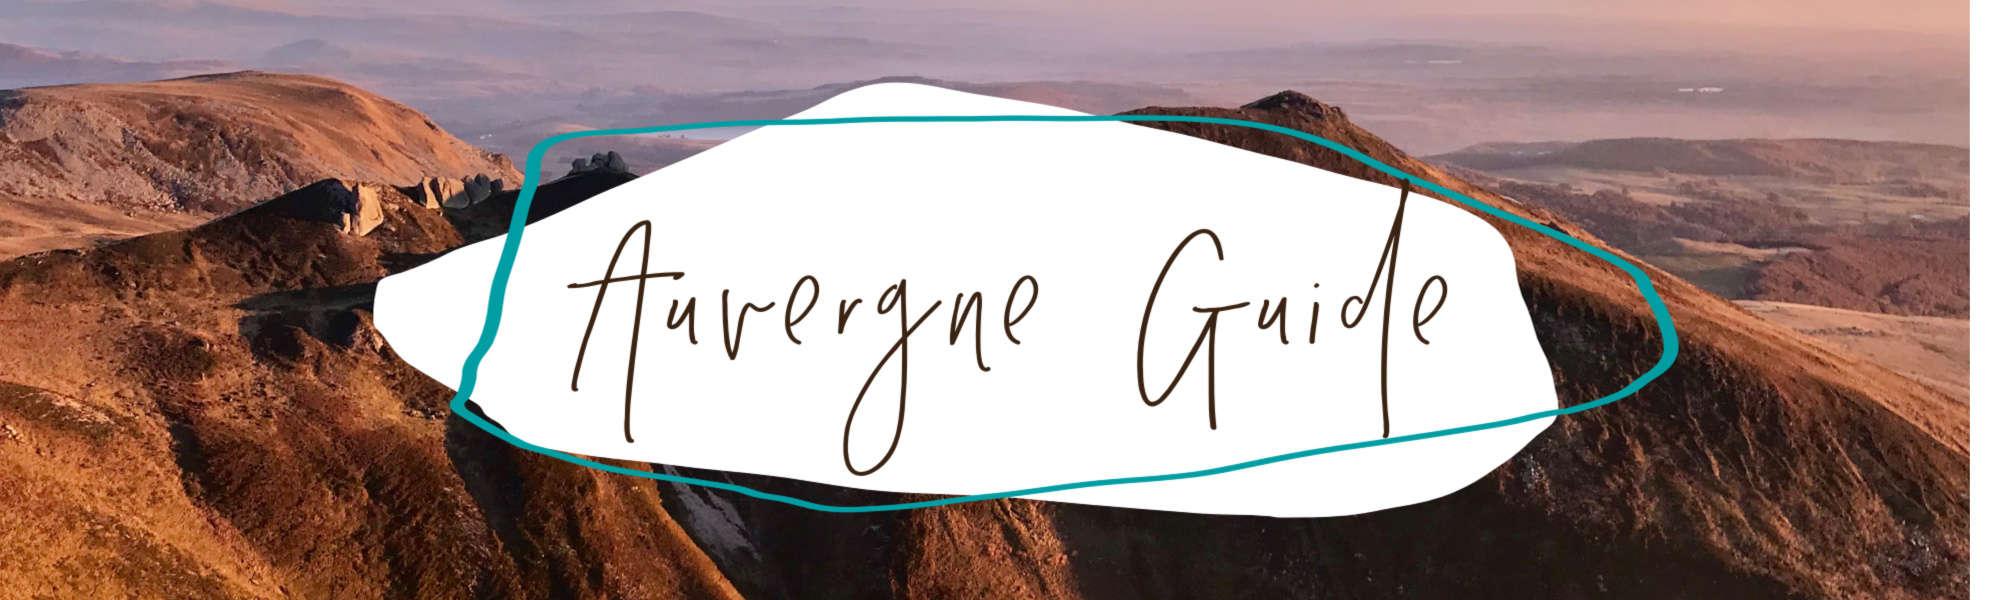 Auvergne Travel Guide